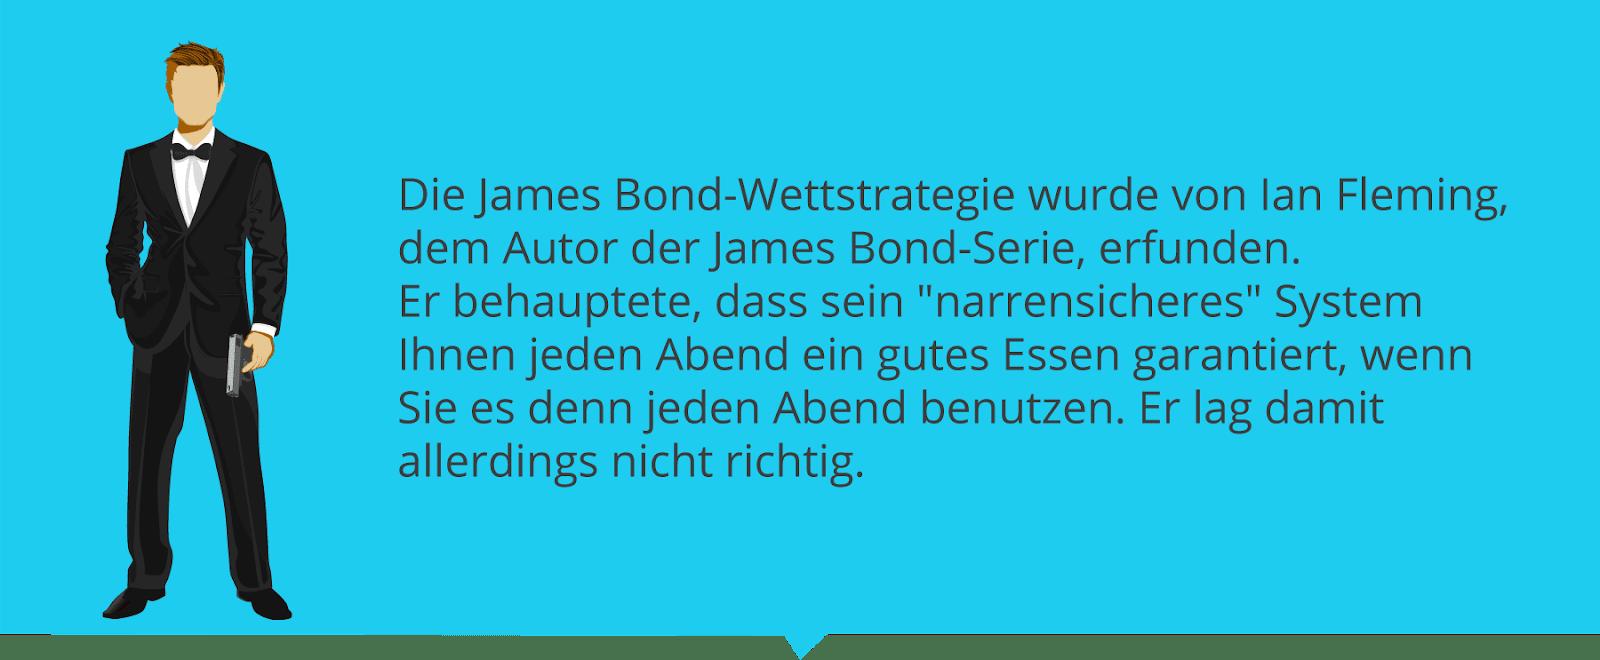 James Bond Wettstrategie